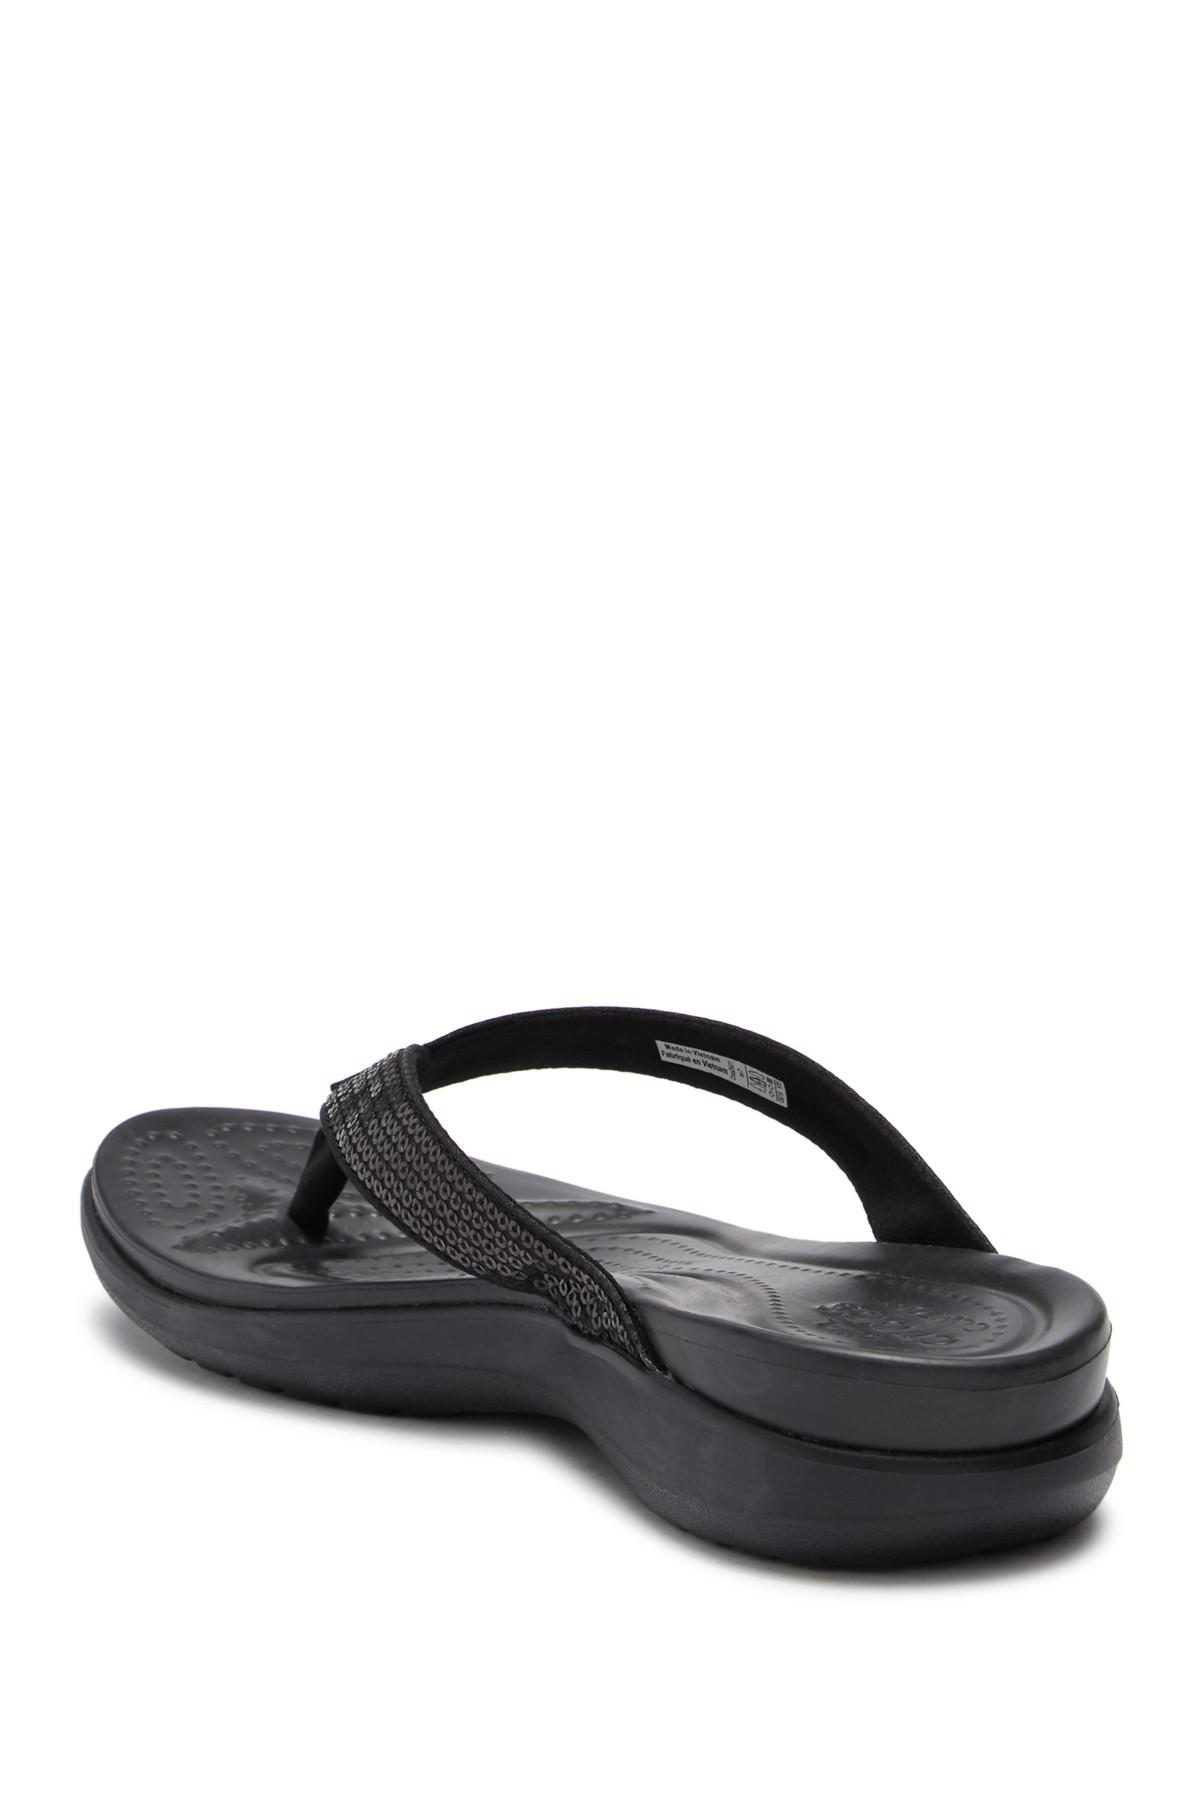 3a609a52f85 Crocs™ - Multicolor Capri V Sequin Flip Flop - Lyst. View fullscreen